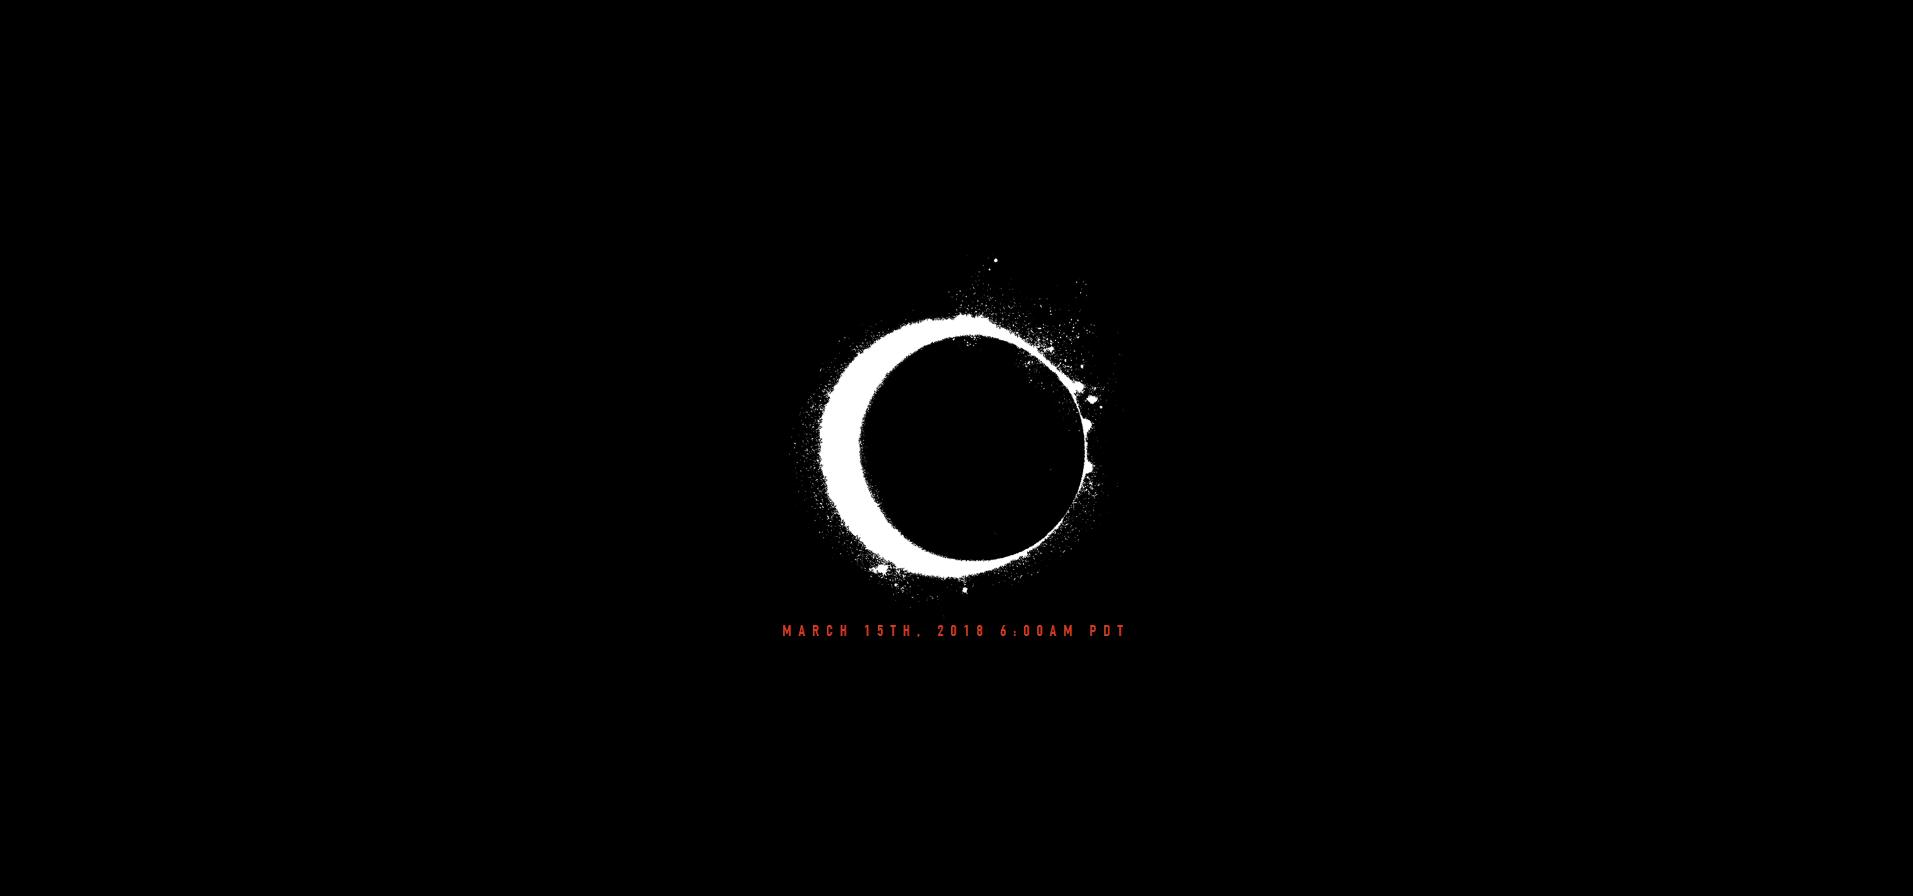 le nouveau shadow of the tomb raider sortira le 14 septembre 2018 sur ps4 xbox one et pc. Black Bedroom Furniture Sets. Home Design Ideas